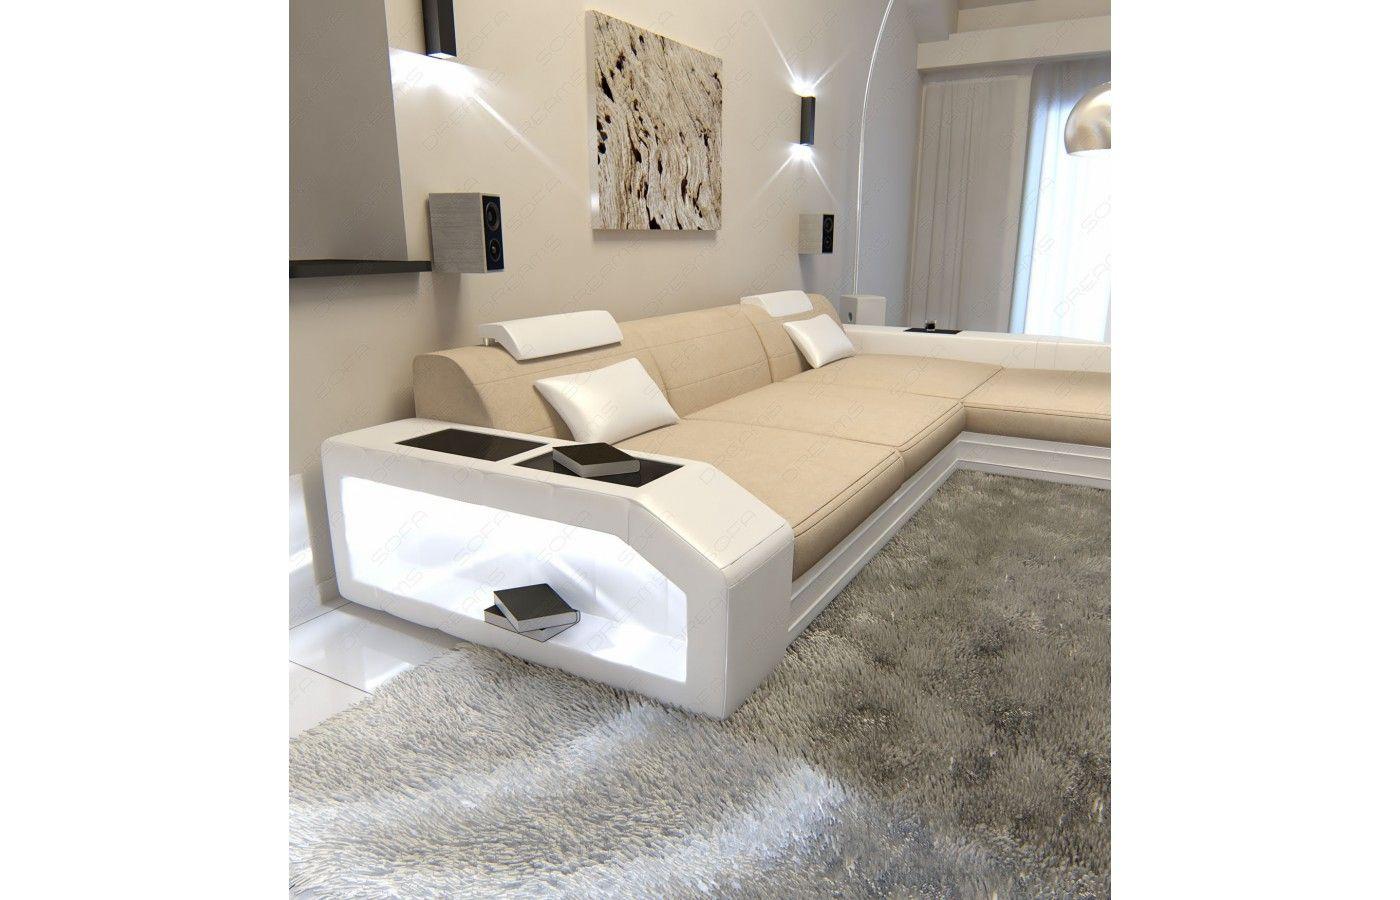 Exklusive Sofas Und Couches stoffsofa prato l form in beige weiß exklusiv bei sofa dreams